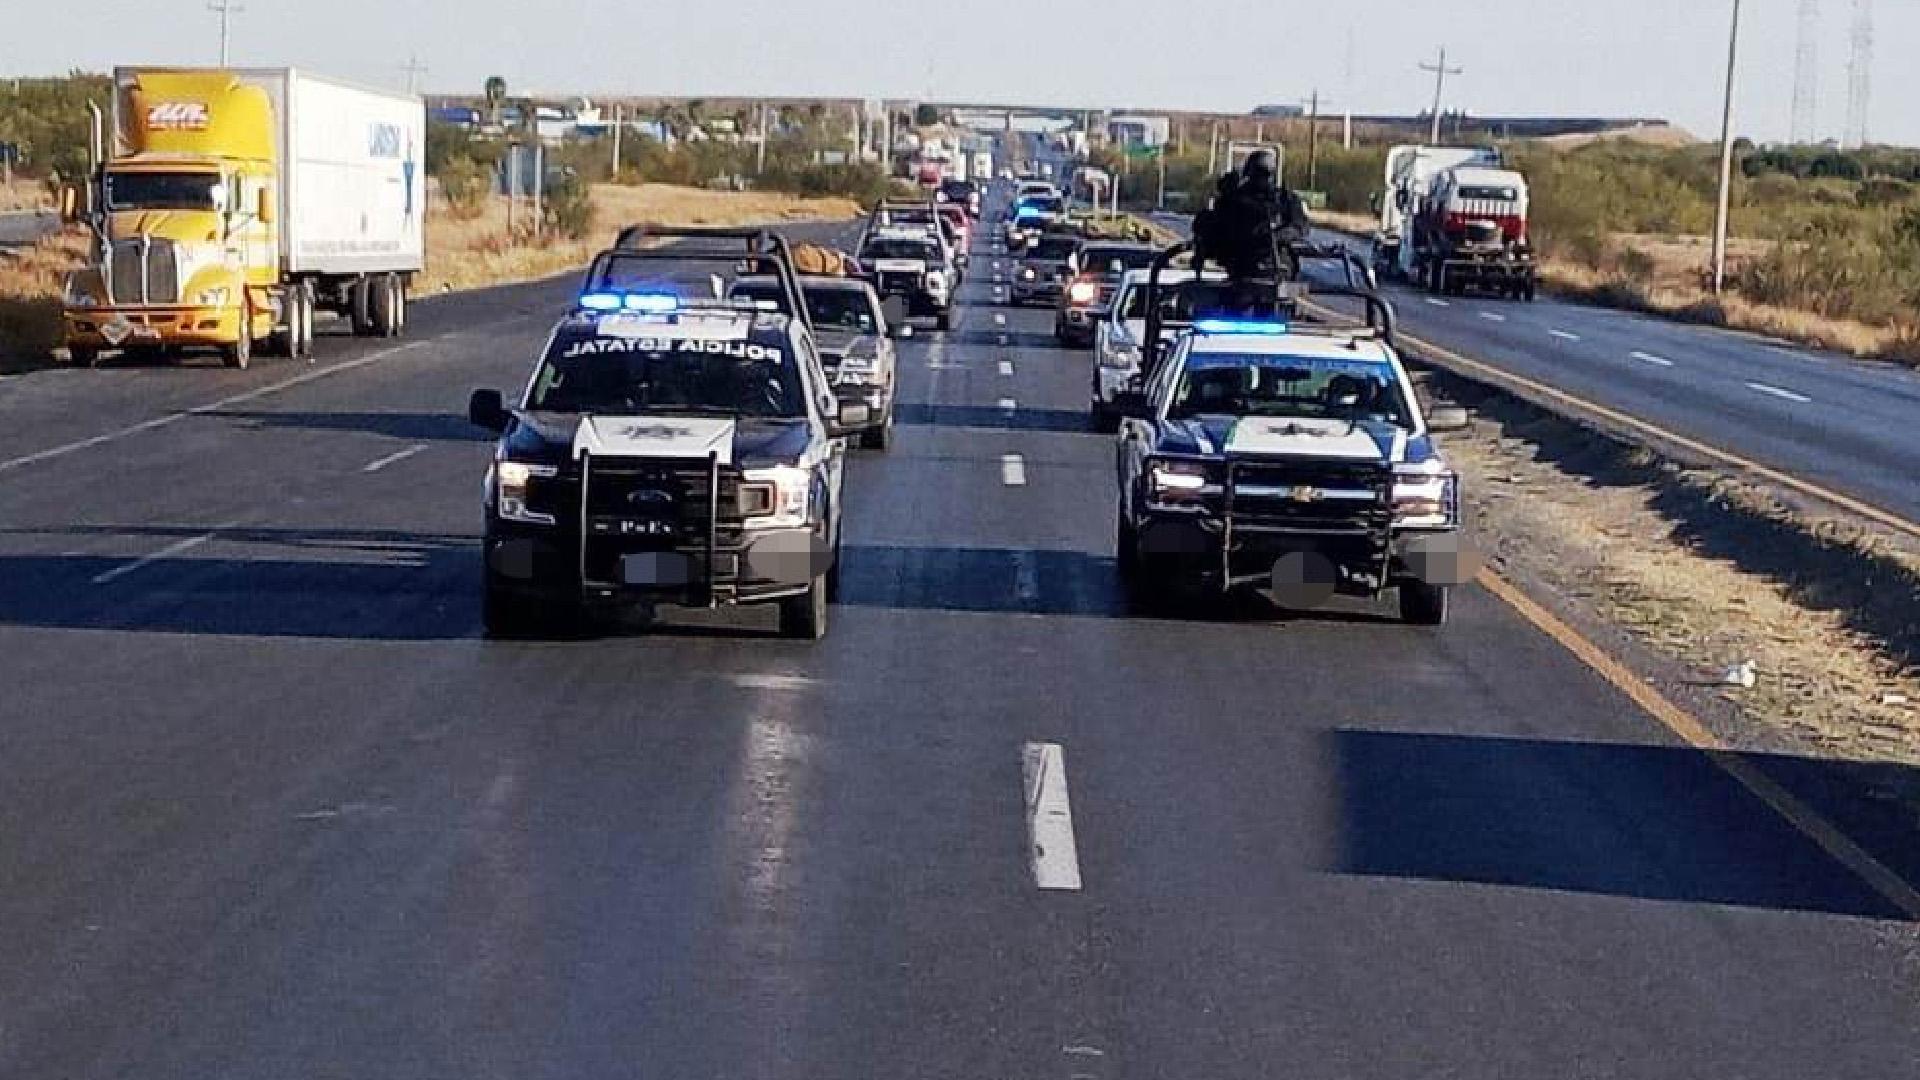 Entra de EU a México caravana de 700 autos; van con sus familias por fin de  año | El Universal - glbnews.com